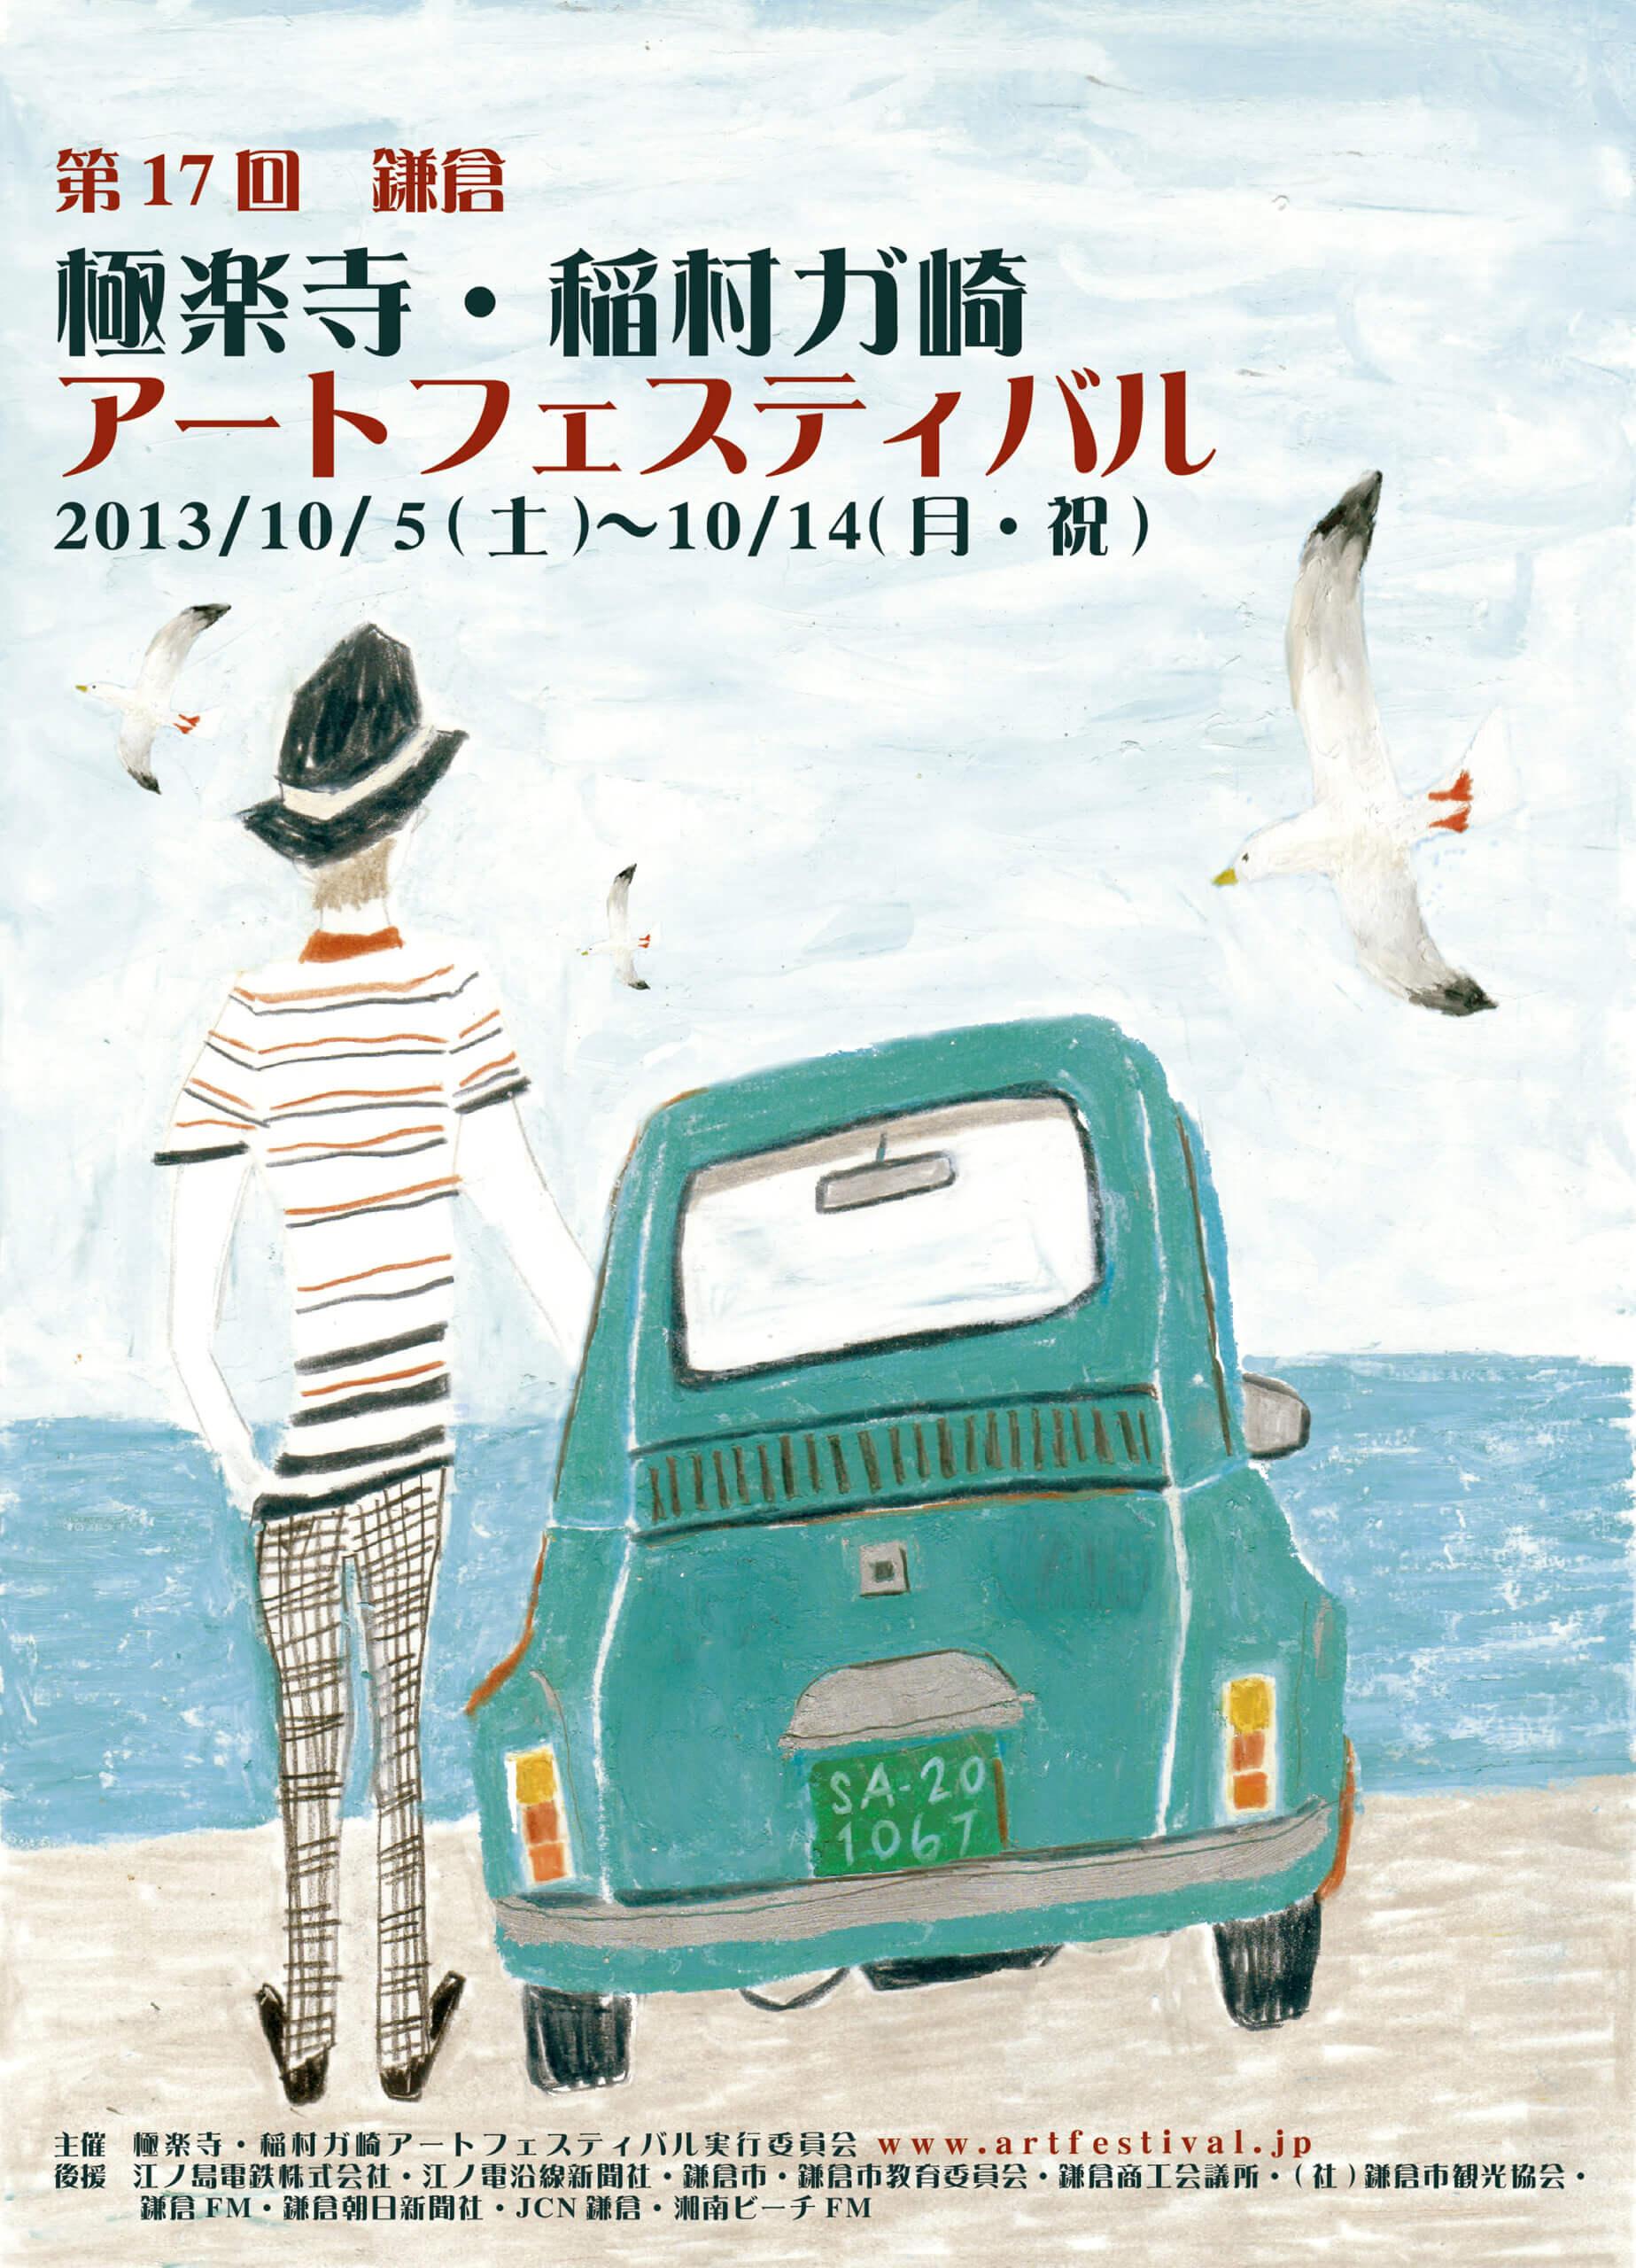 パンフレット 極楽寺・稲村ガ崎アートフェスティバル